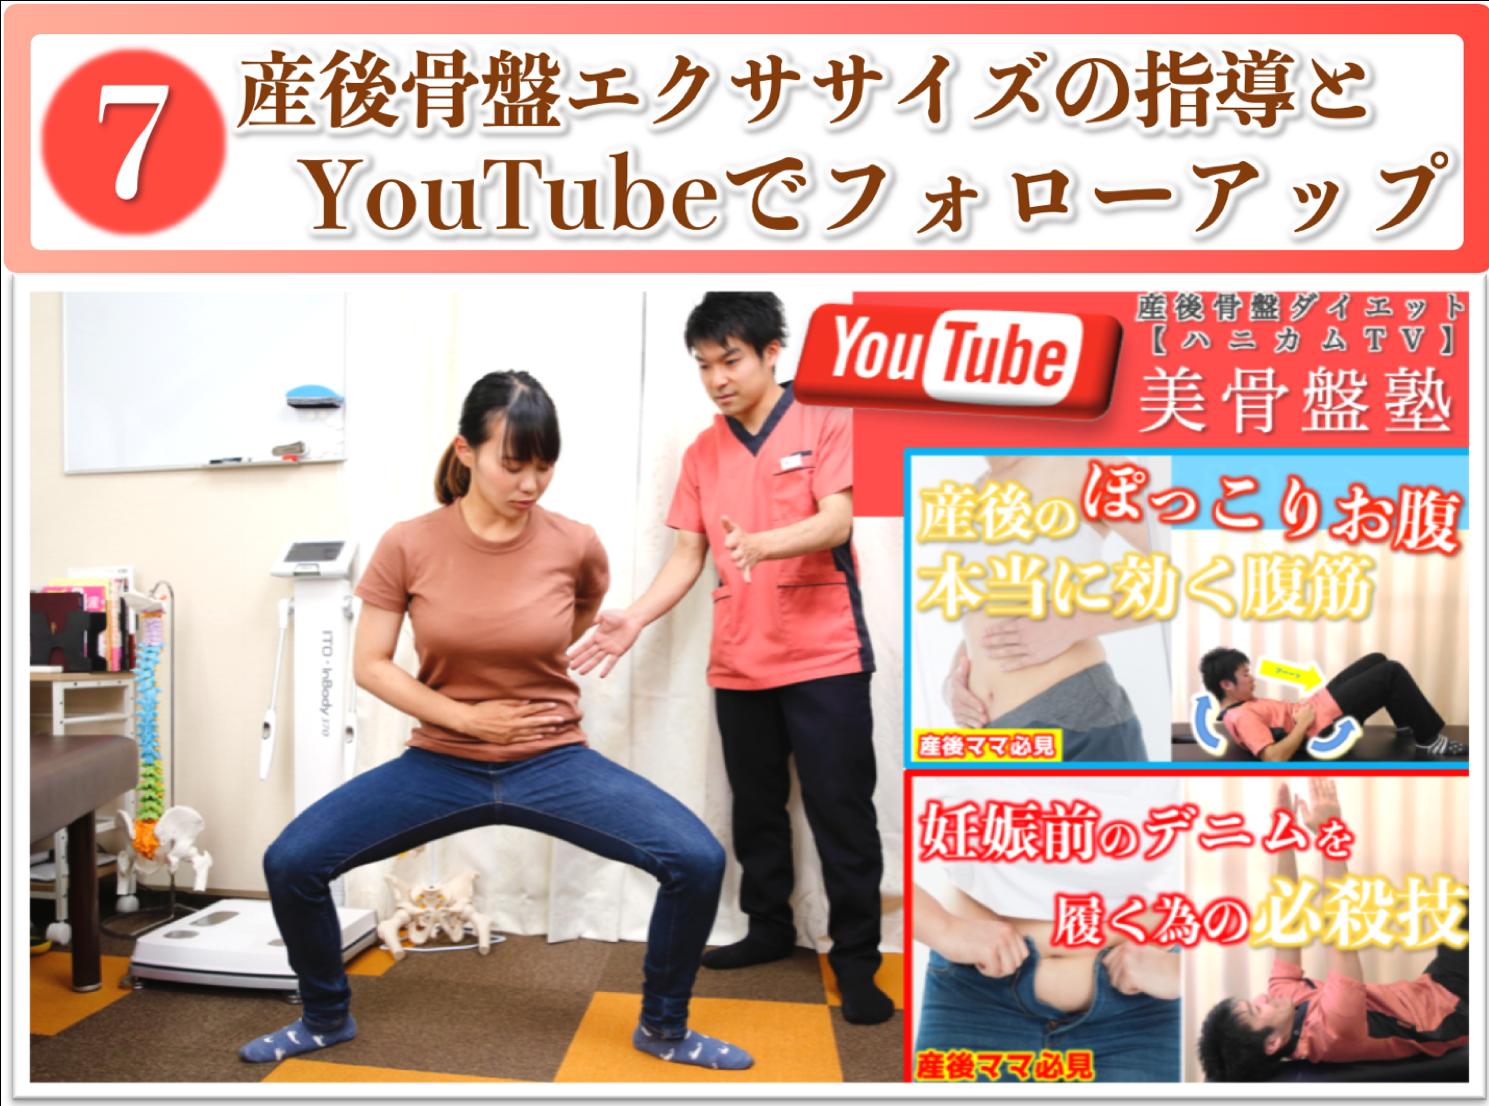 産後骨盤エクササイズの指導とYouTubeでフォローアップ